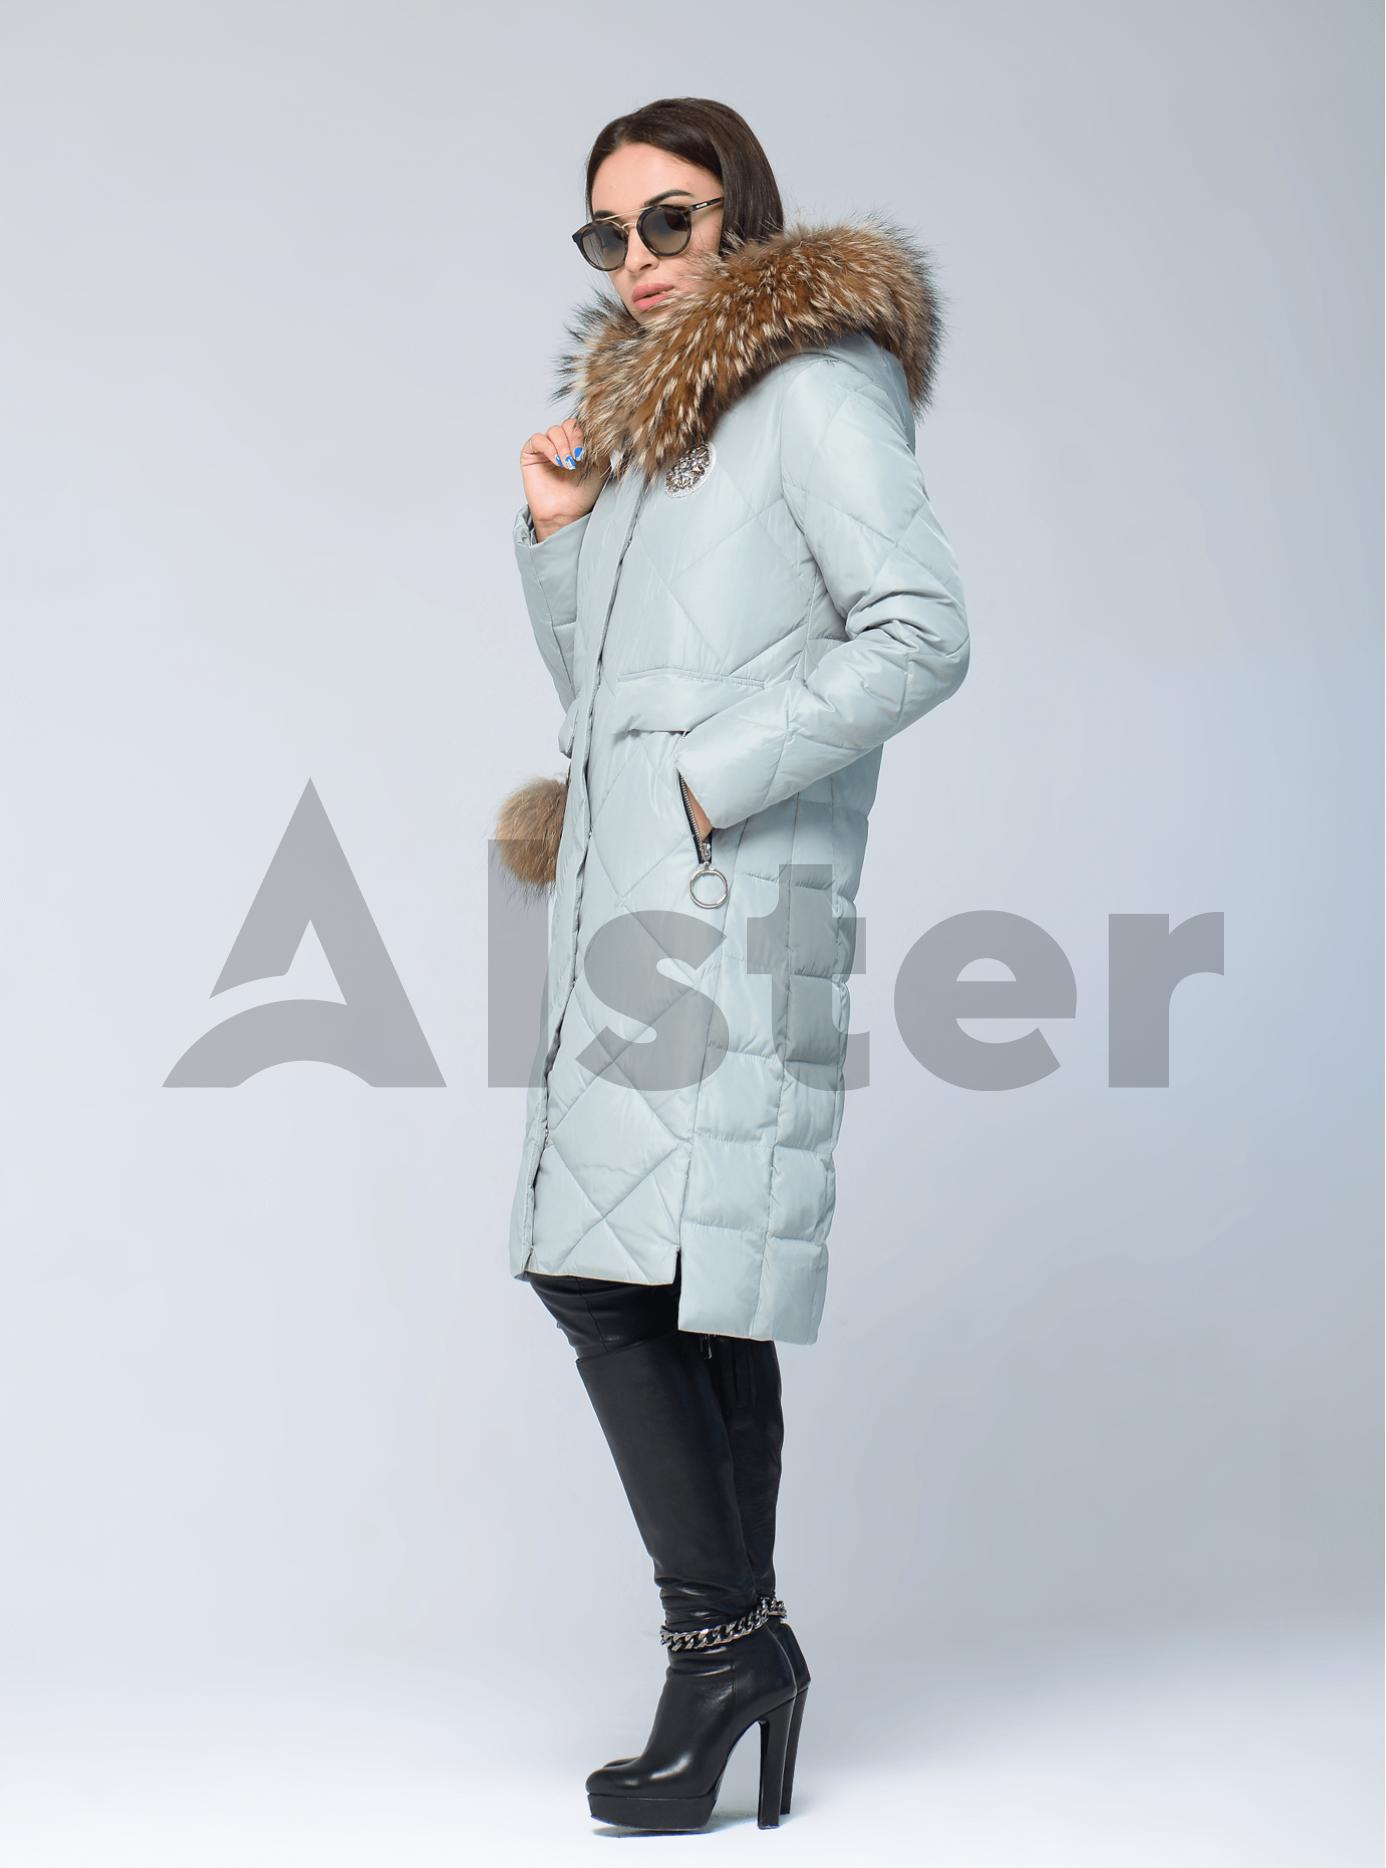 Куртка зимняя с меховой опушкой и брелоком Голубой L (05-V191250): фото - Alster.ua